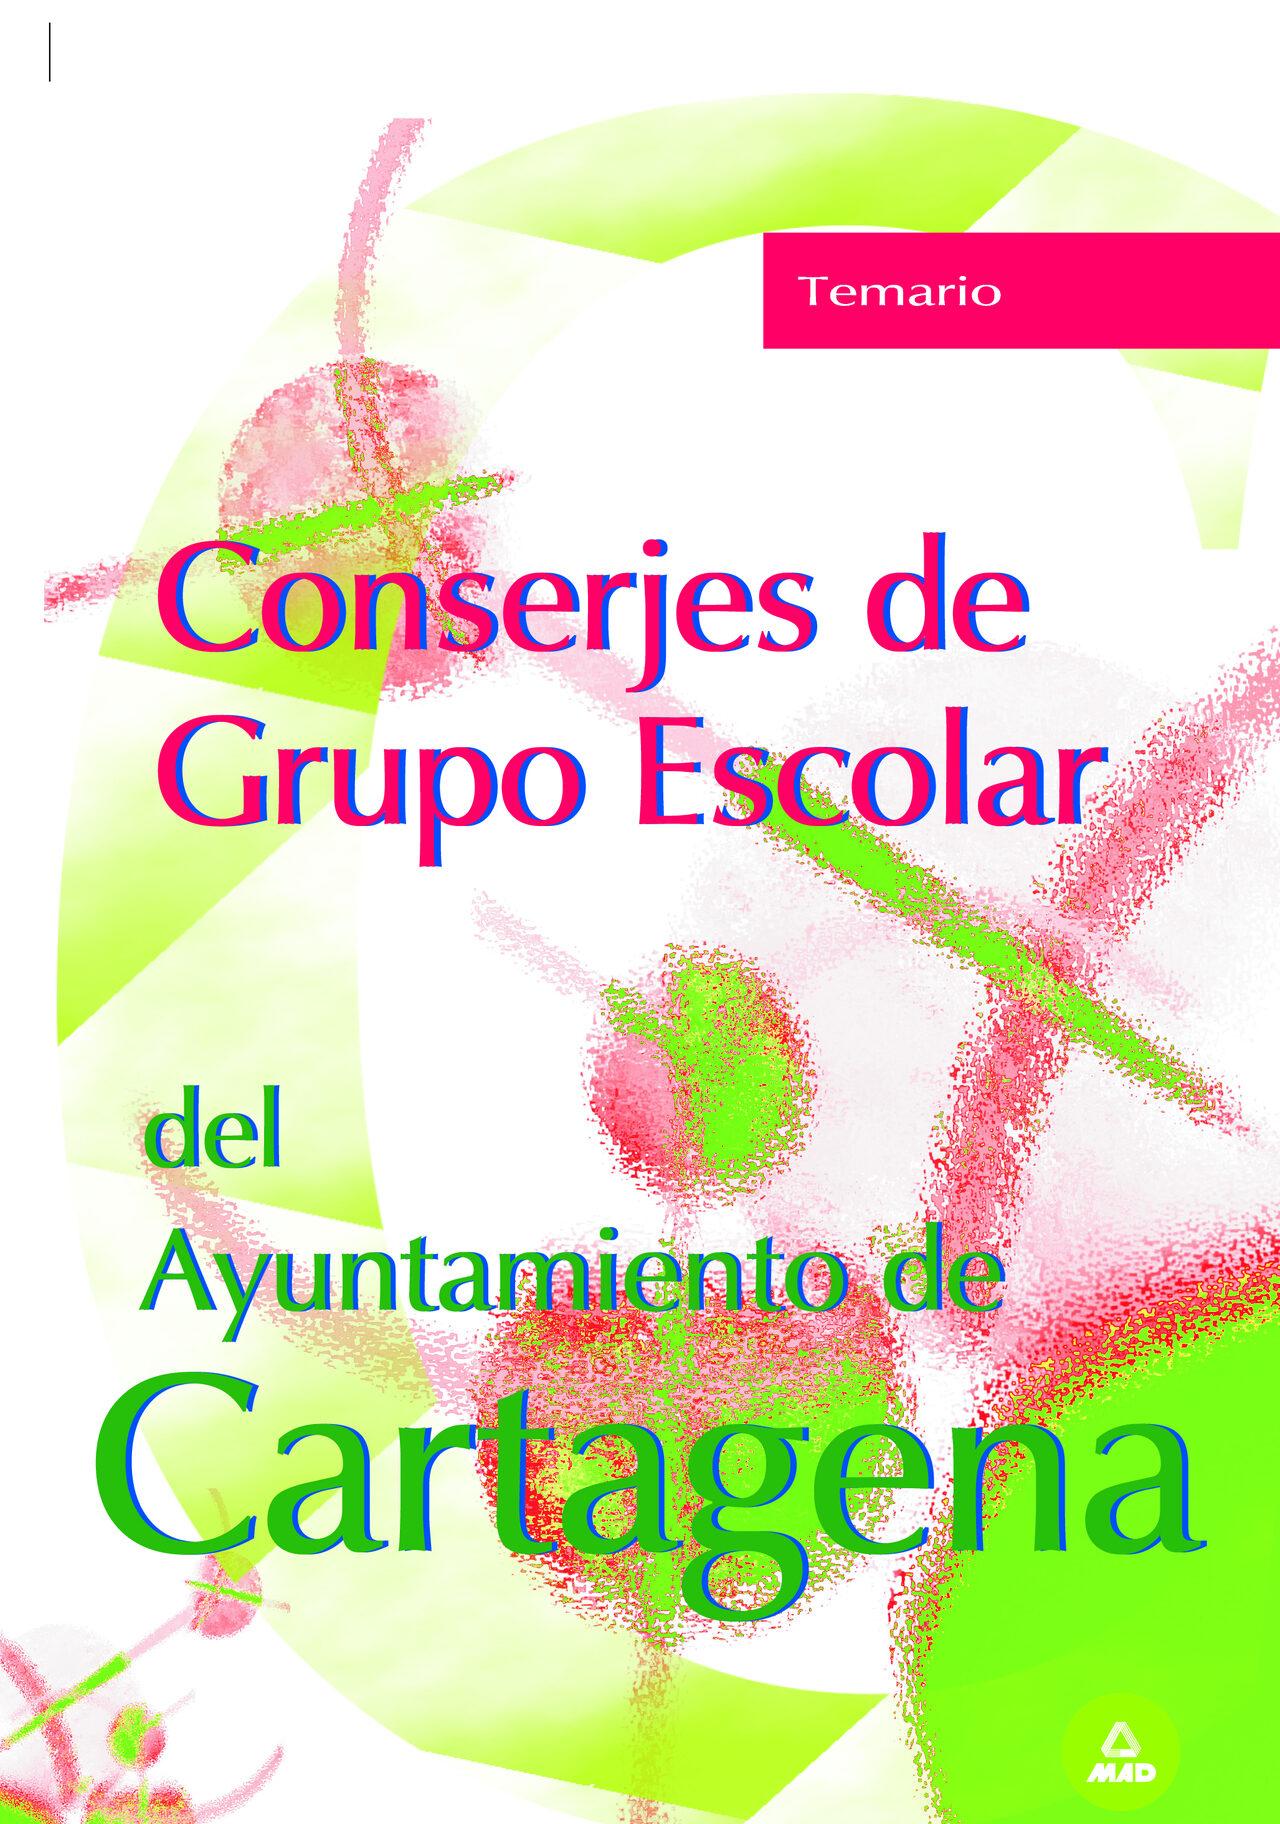 Conserjes Grupo Escolar Ayuntamiento De Cartagena: Temario por Vv.aa.